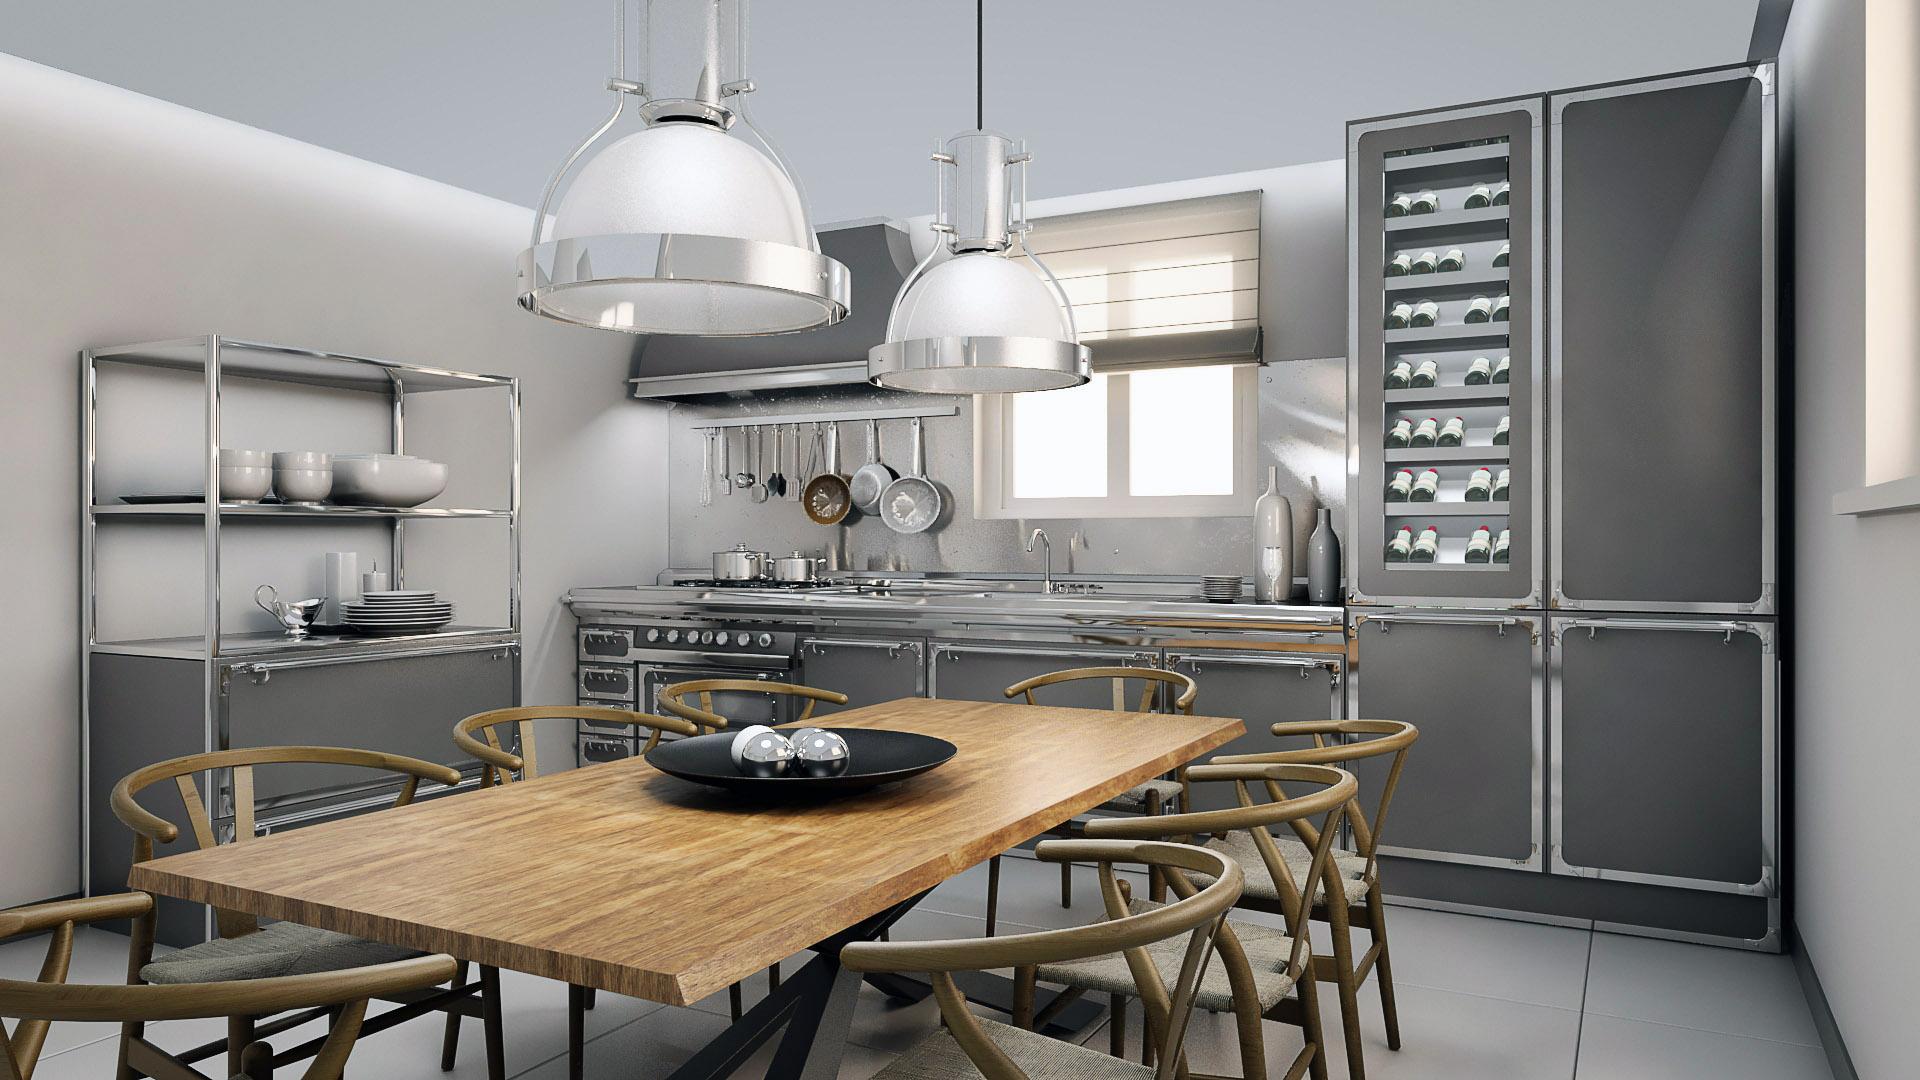 Officine Gullo Kitchen  ArchiViz